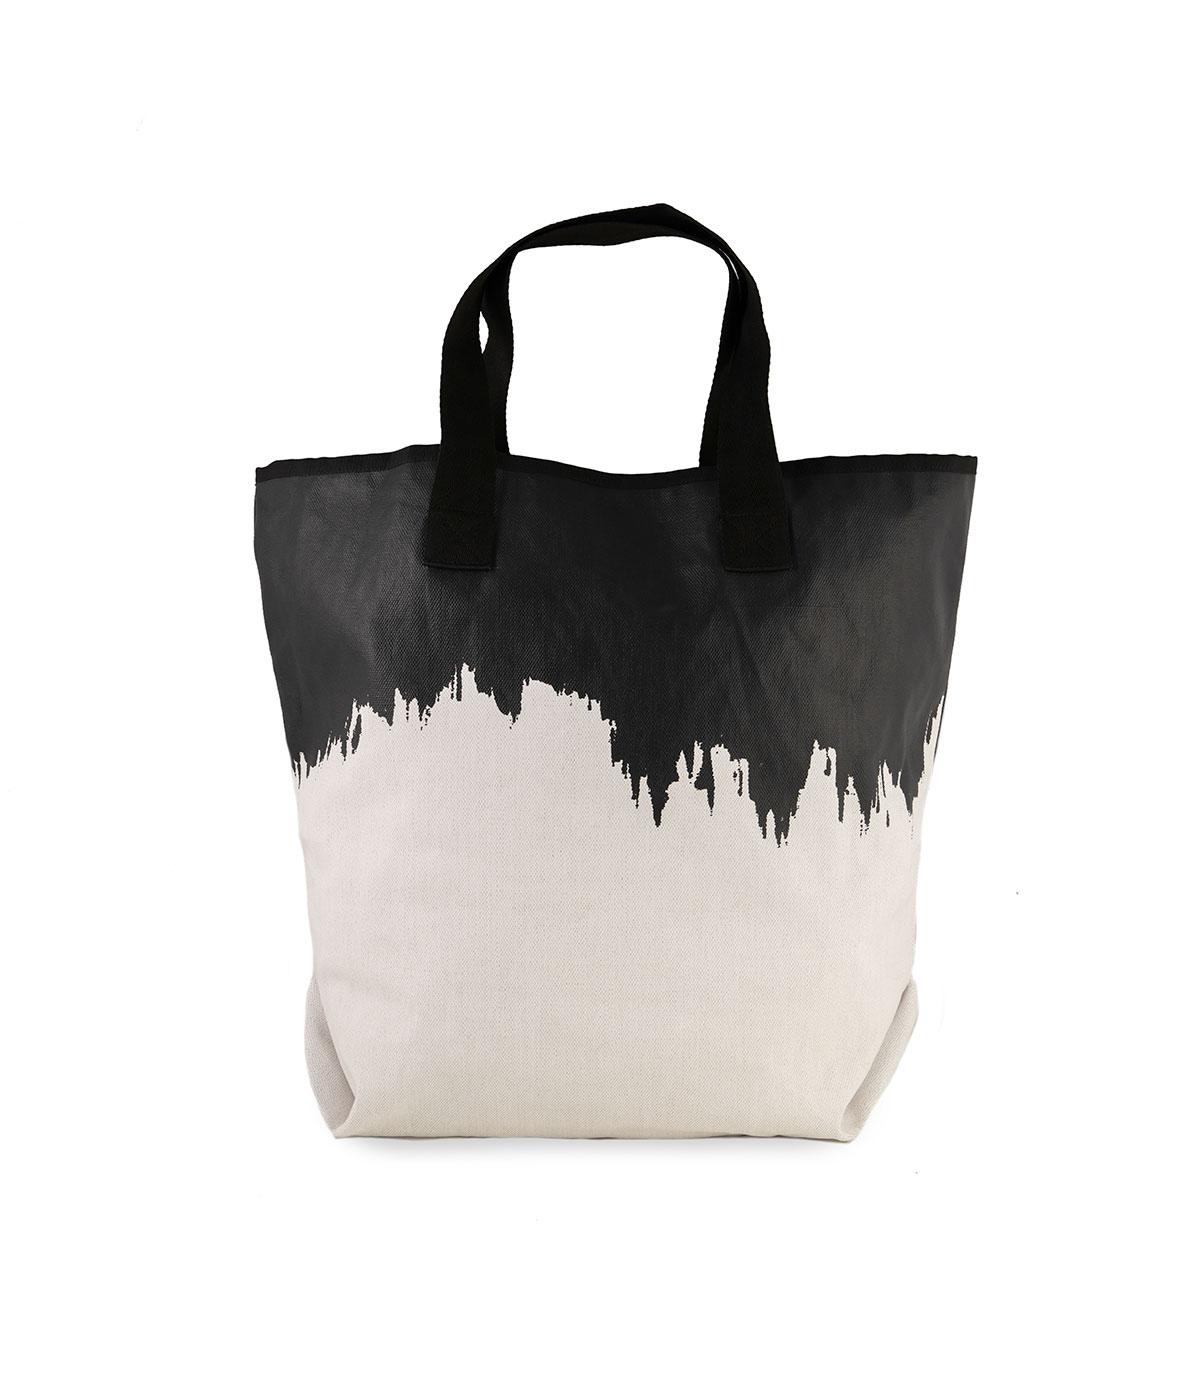 sSacca Rettangolare Impermeabile Bianca e Nera Quitto Bags